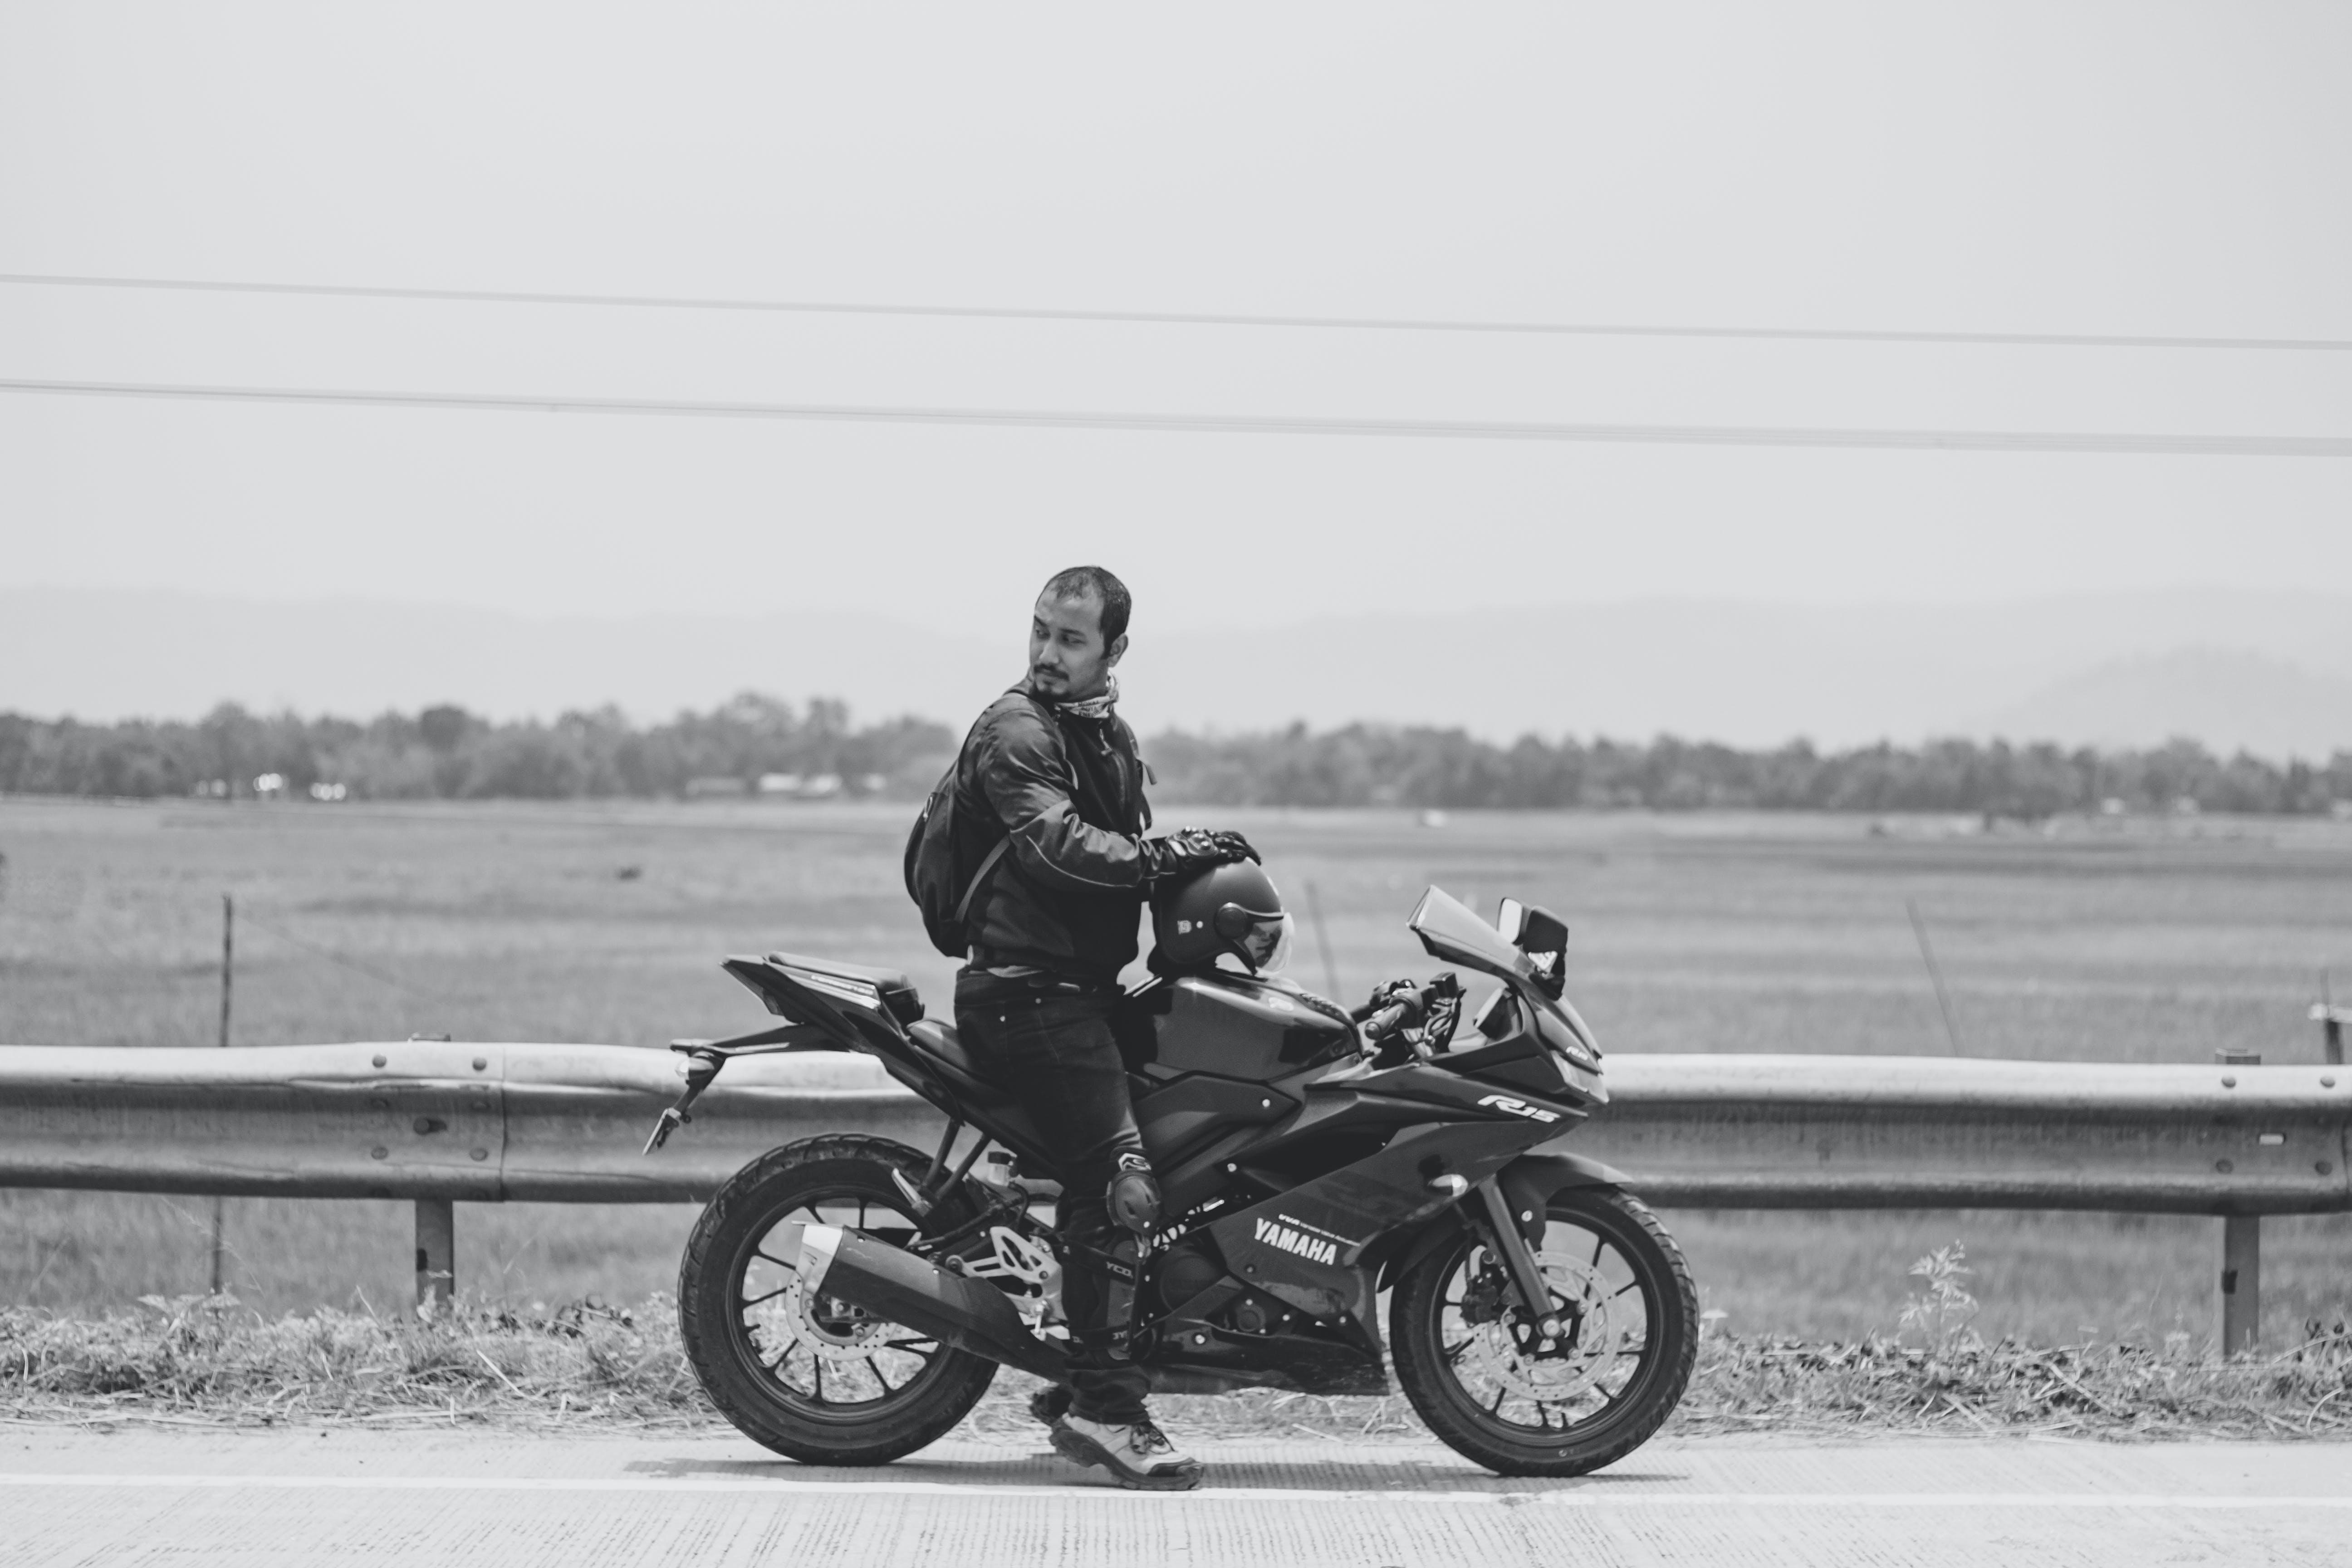 Gratis lagerfoto af cykelrytter, racercykel, rytter